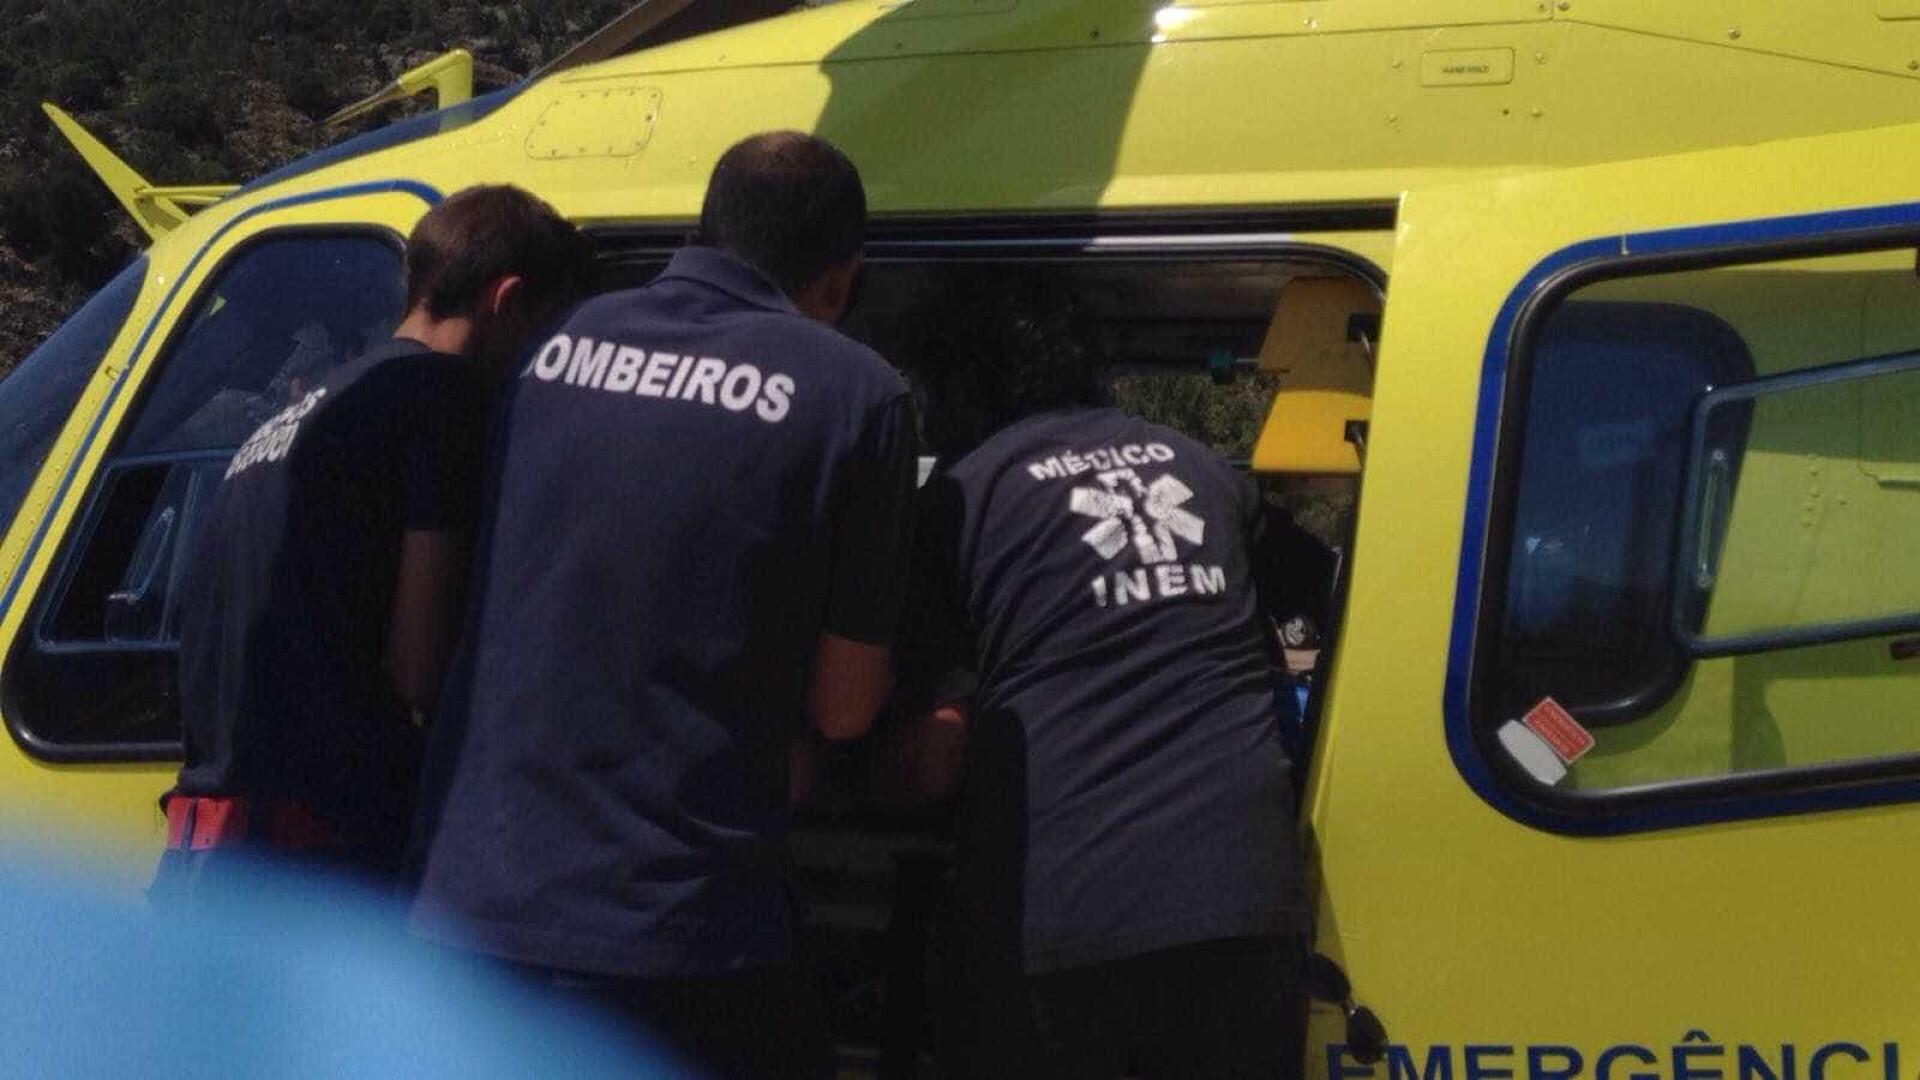 Acidente entre motos corta A2 em Almodôvar. Helicóptero do INEM no local